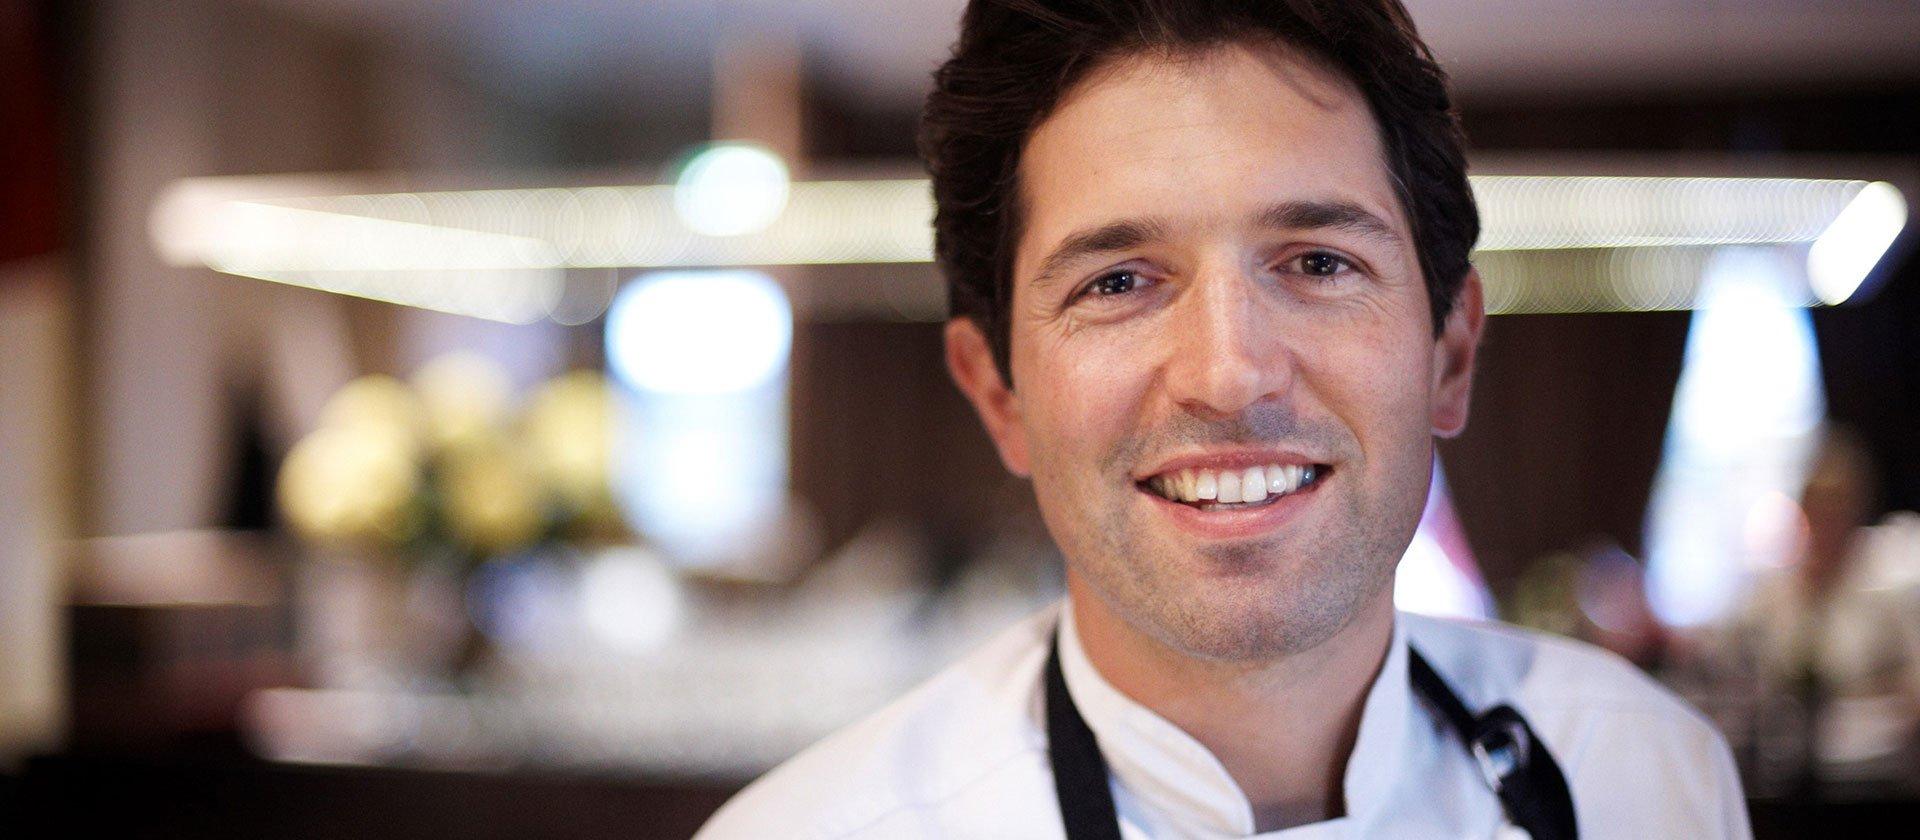 Executive chef, Ben Shewry, from Attica taken Le Cordon Bleu Melbourne students for a Masterclass